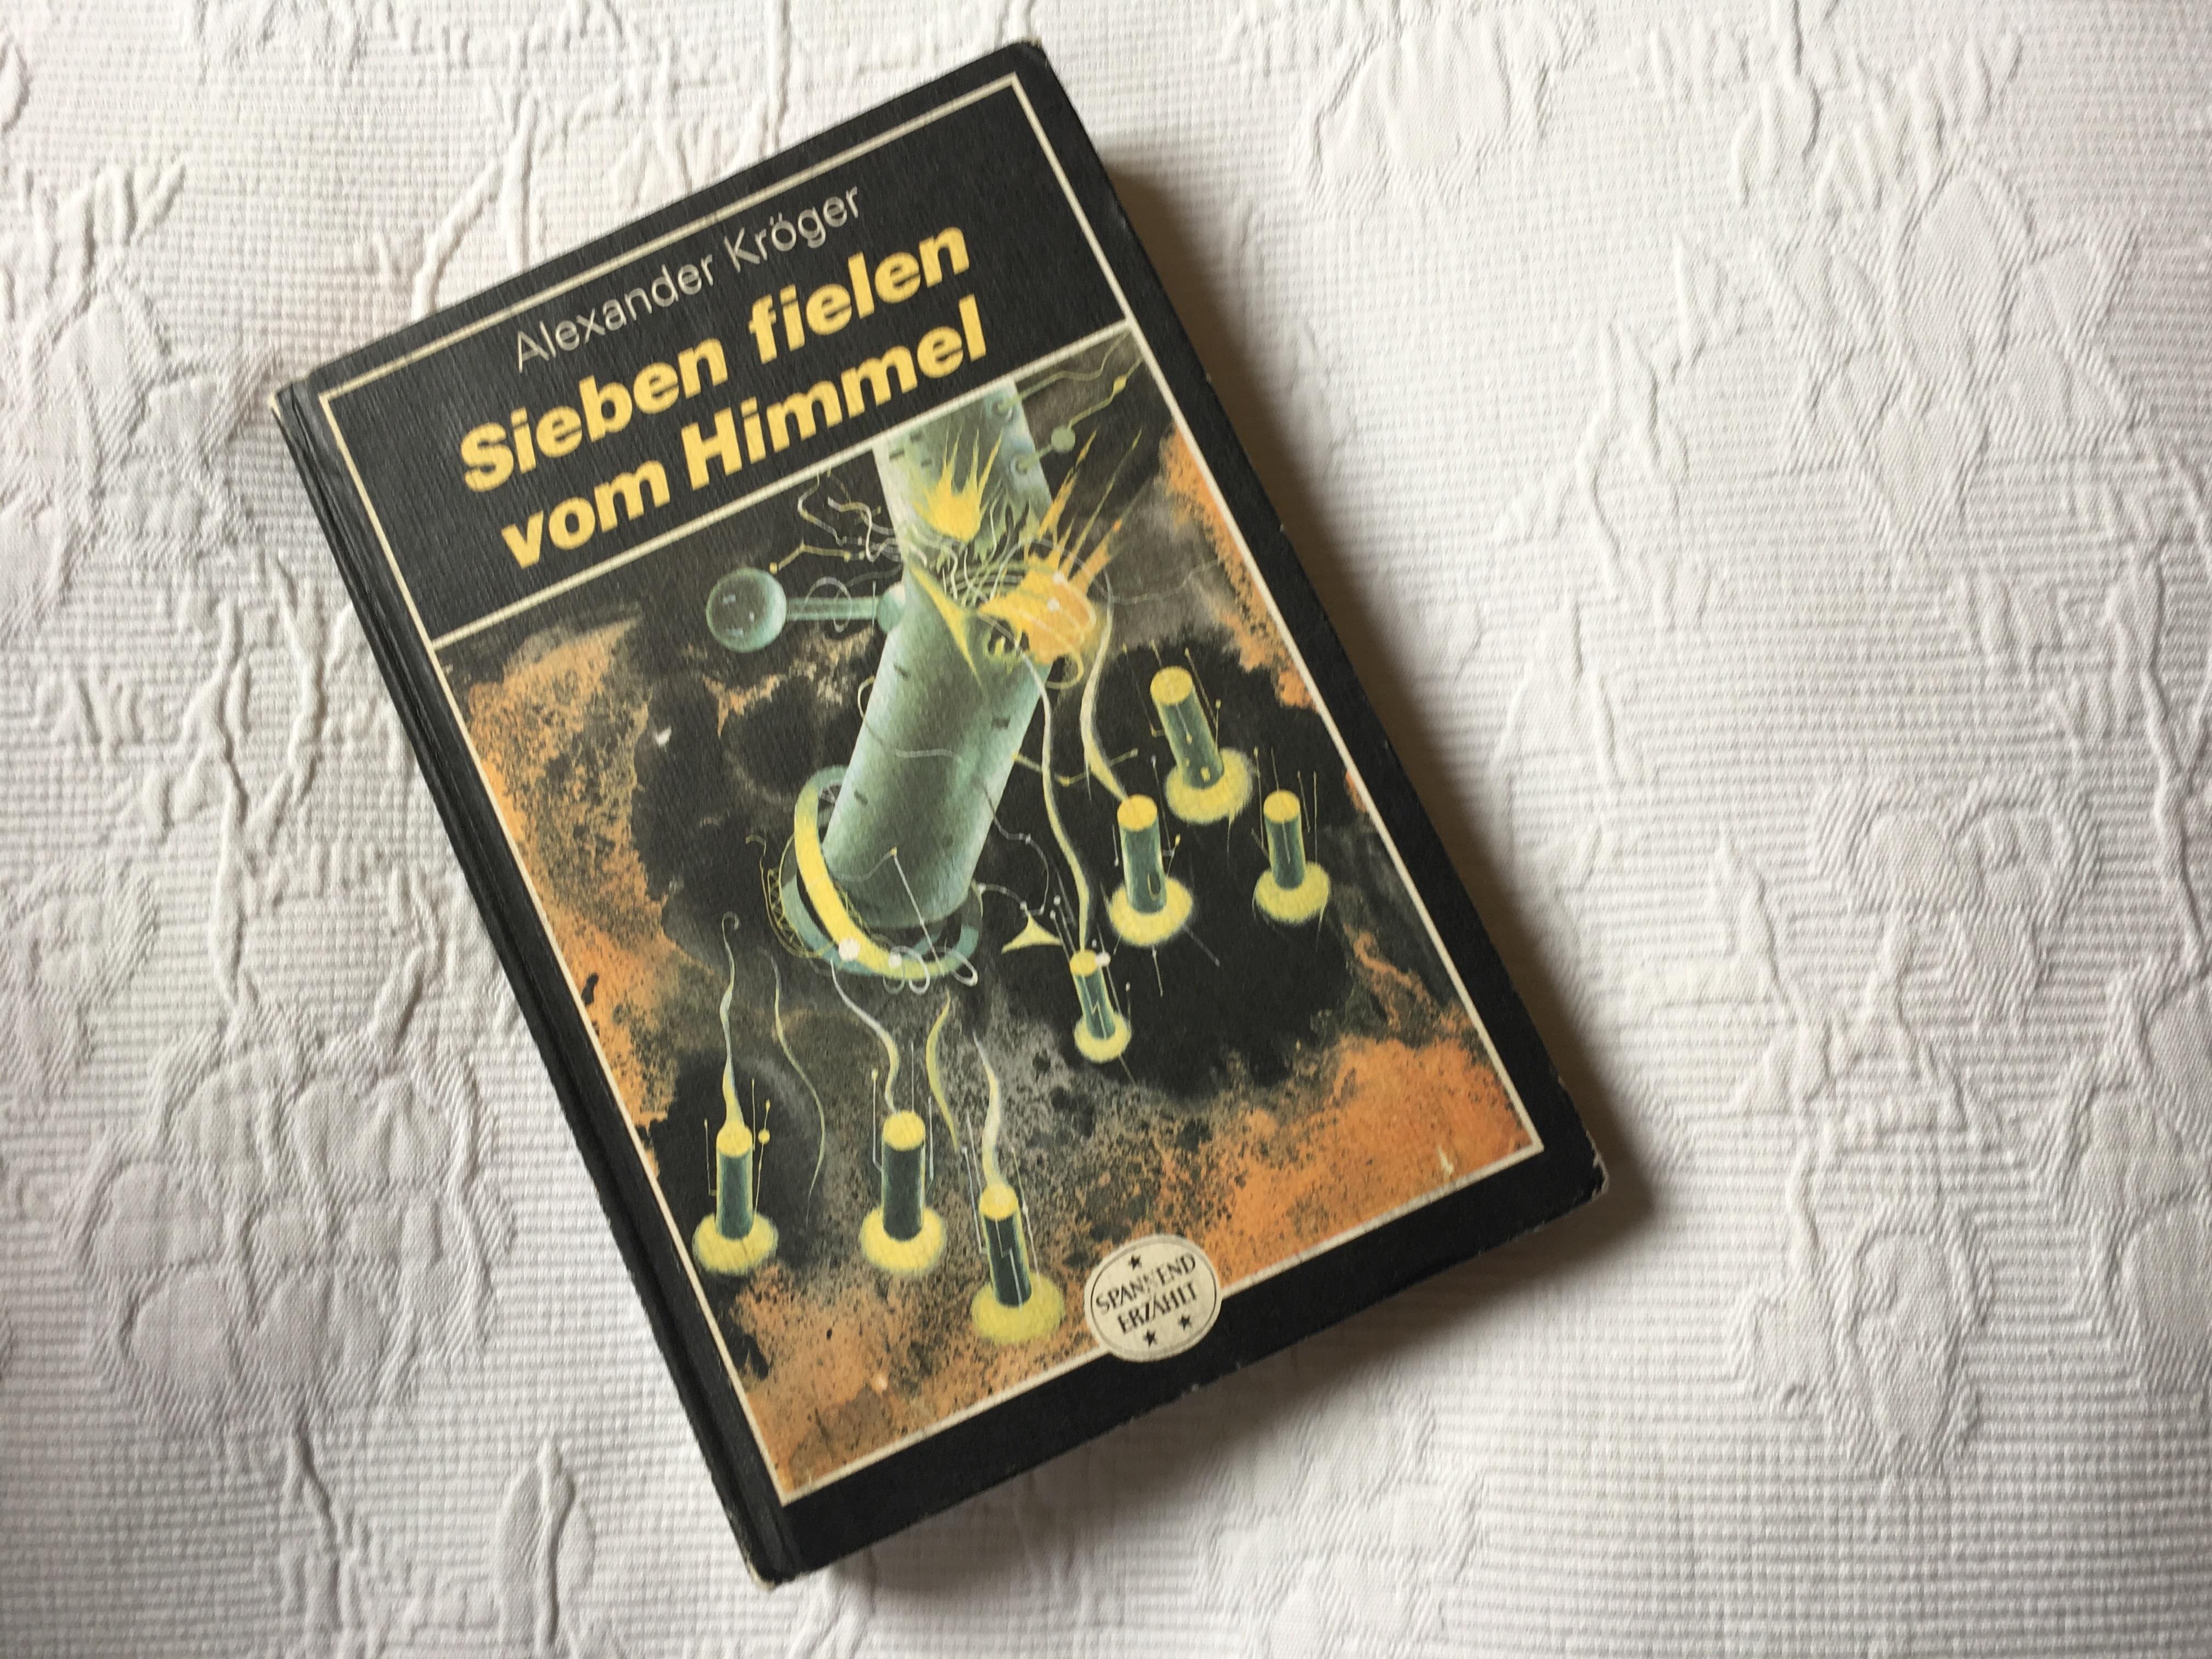 Sieben fielen vom Himmel - Alexander Kröger - Buchcover